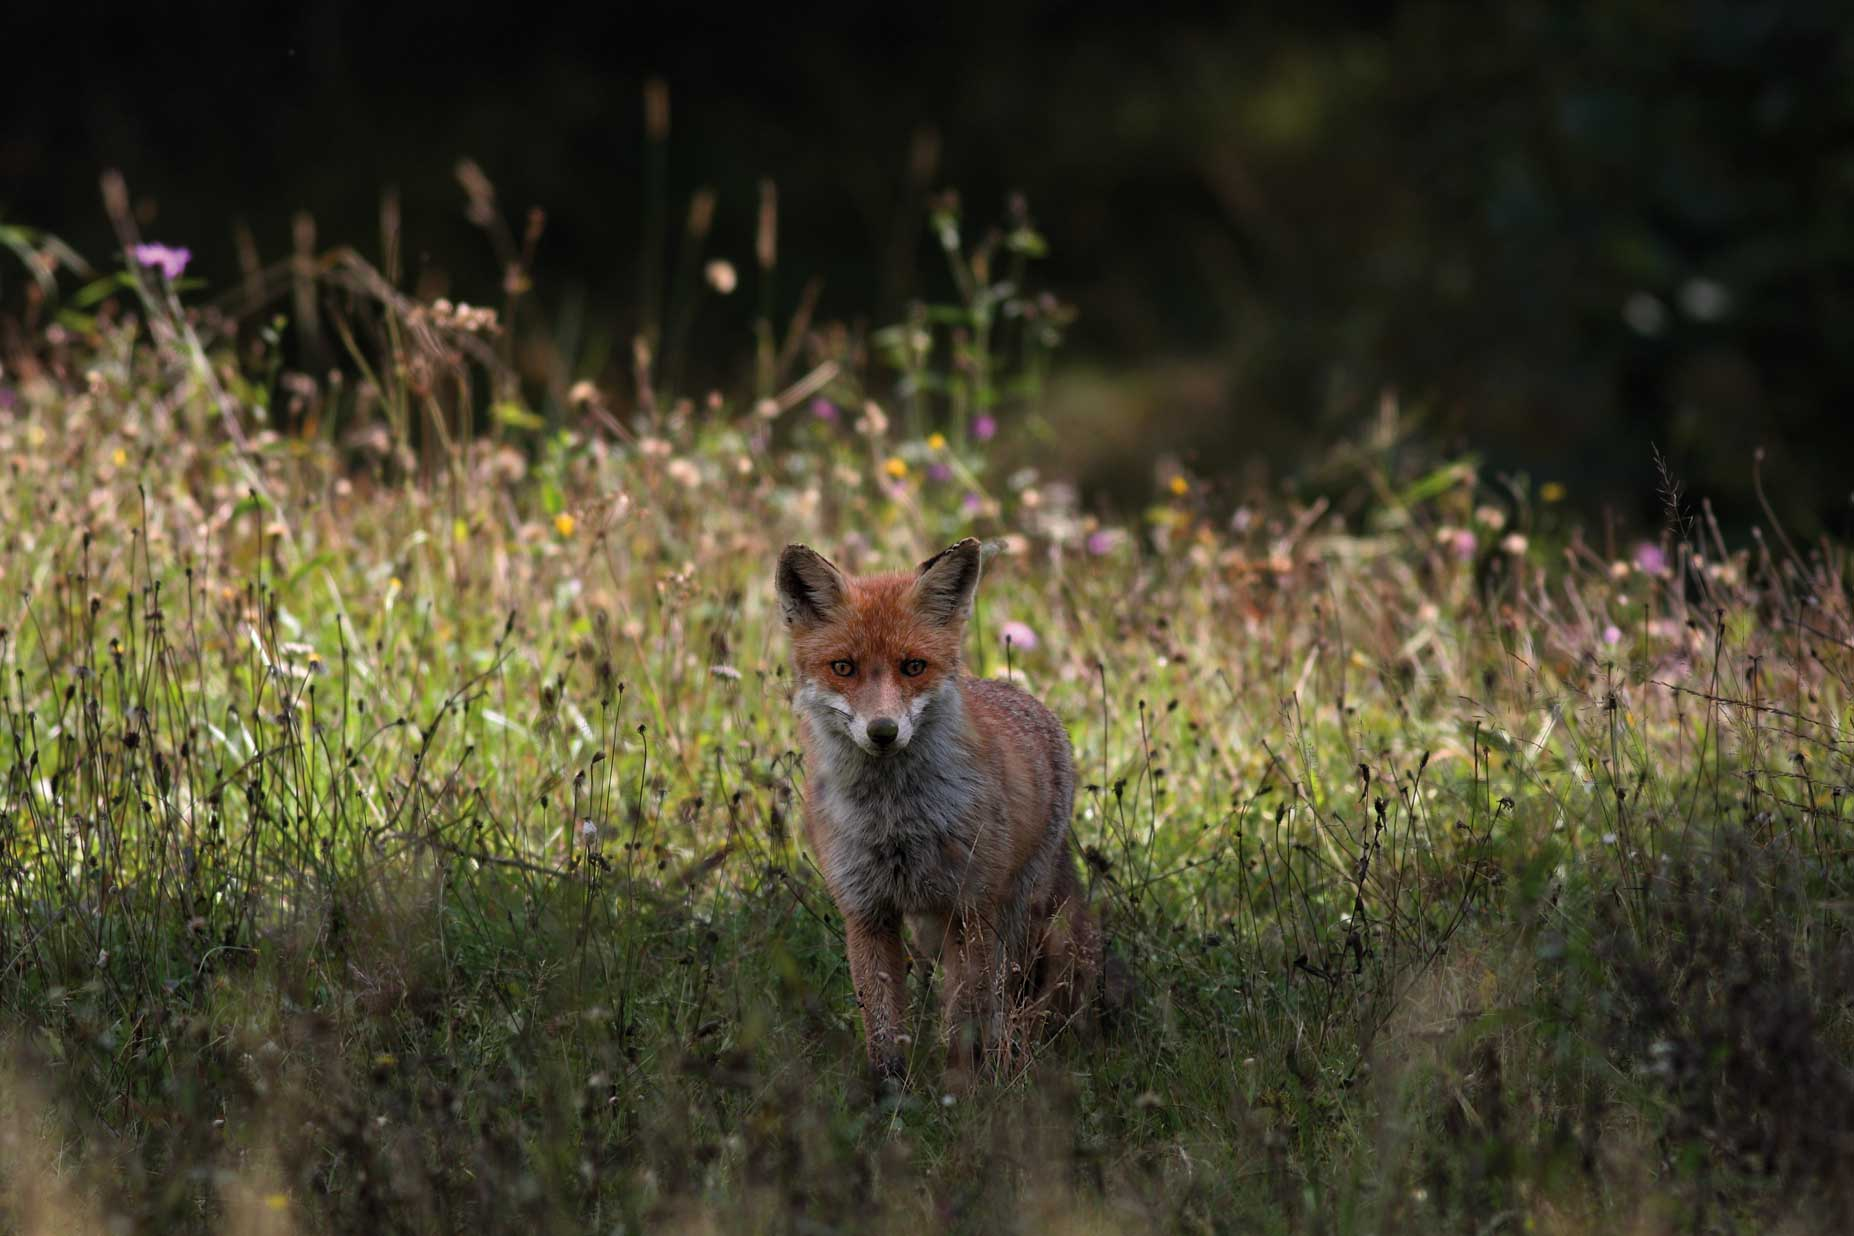 Dettaglio immagine bollettino ufficiale della regione for Dove vive la volpe